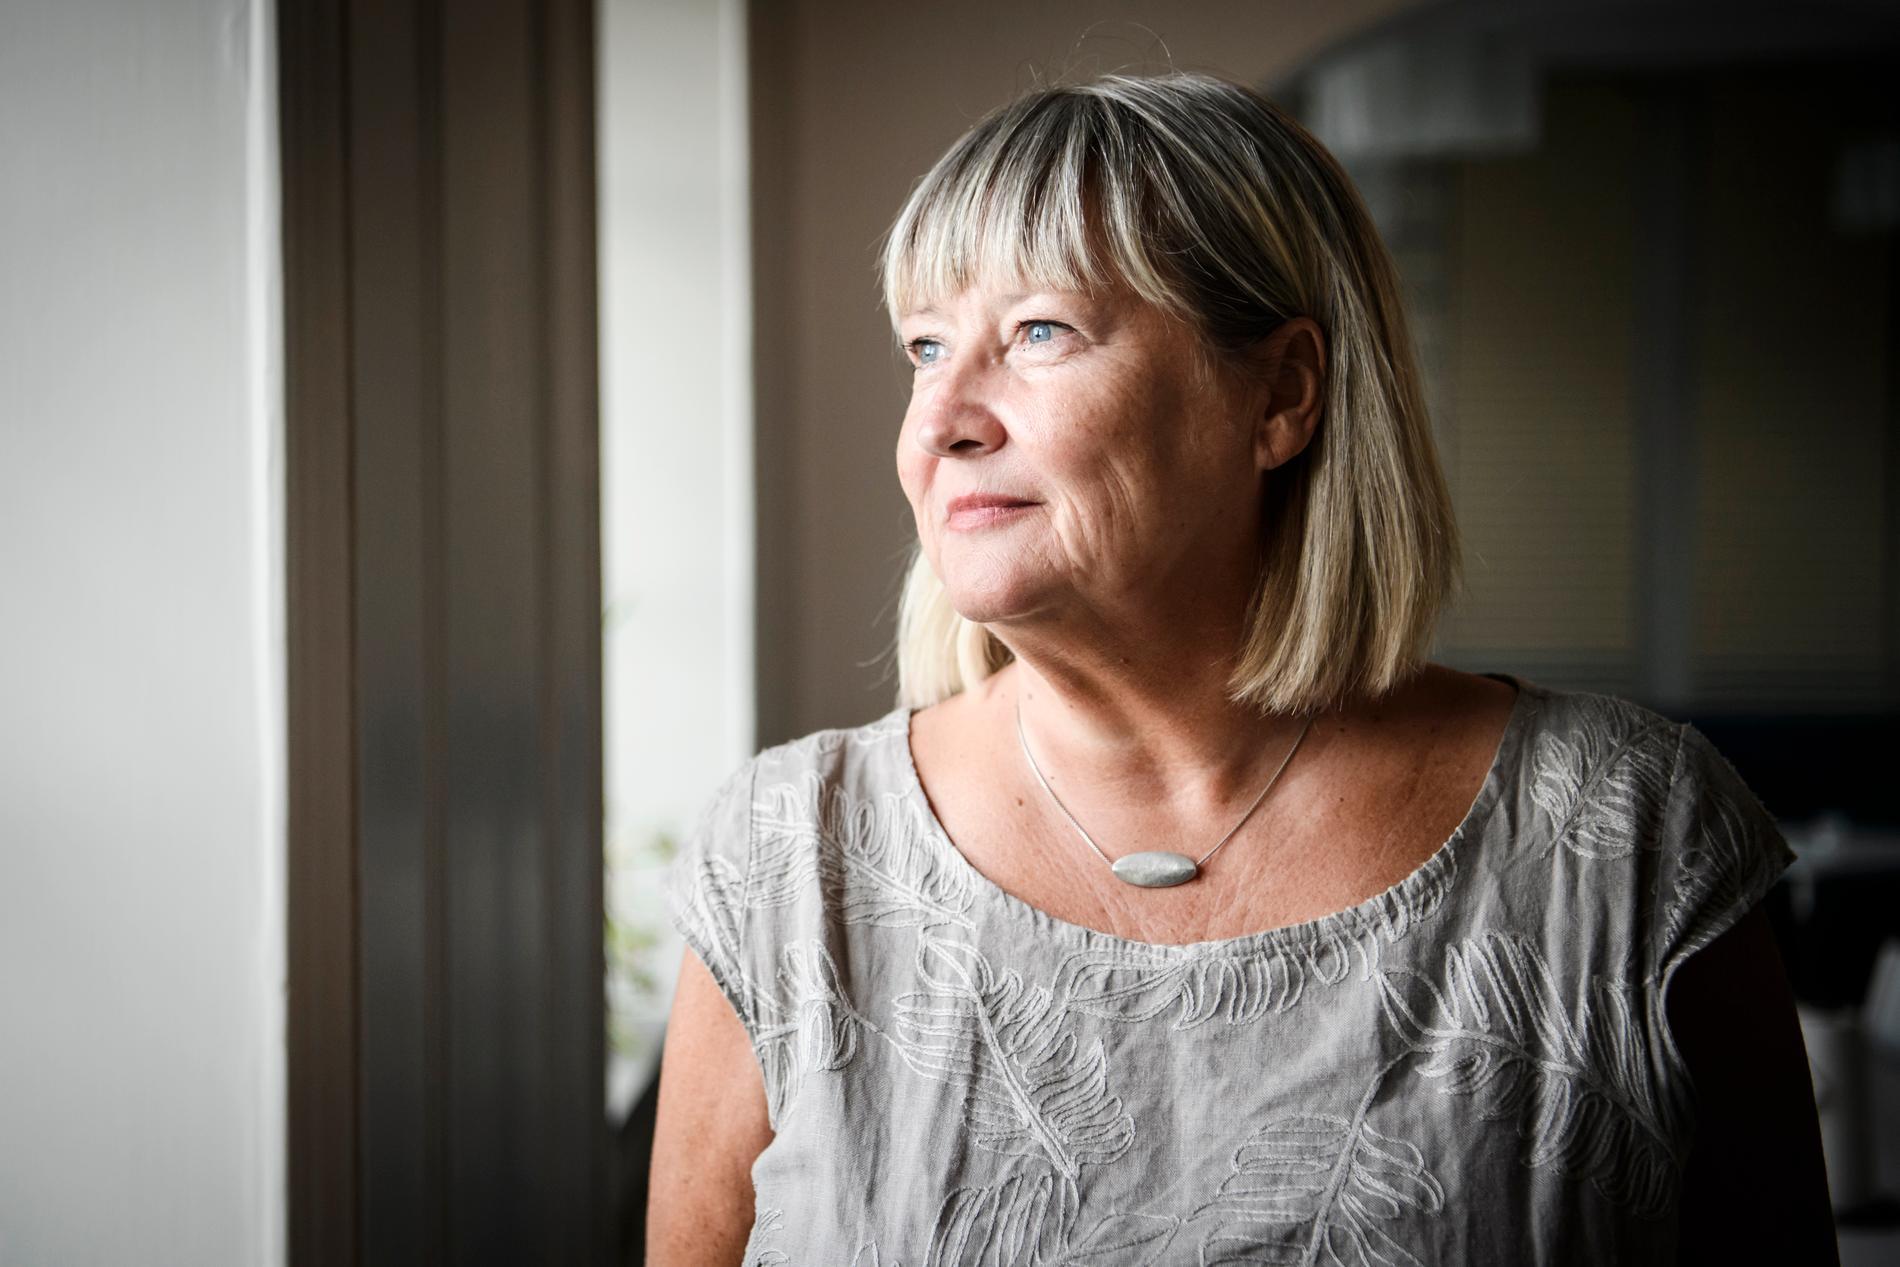 Sveriges justitiekansler Mari Heidenborg är chef över myndigheten Justitiekanslern och var tidigare regeringens särskilda utredare för att förhindra hedersbrott.